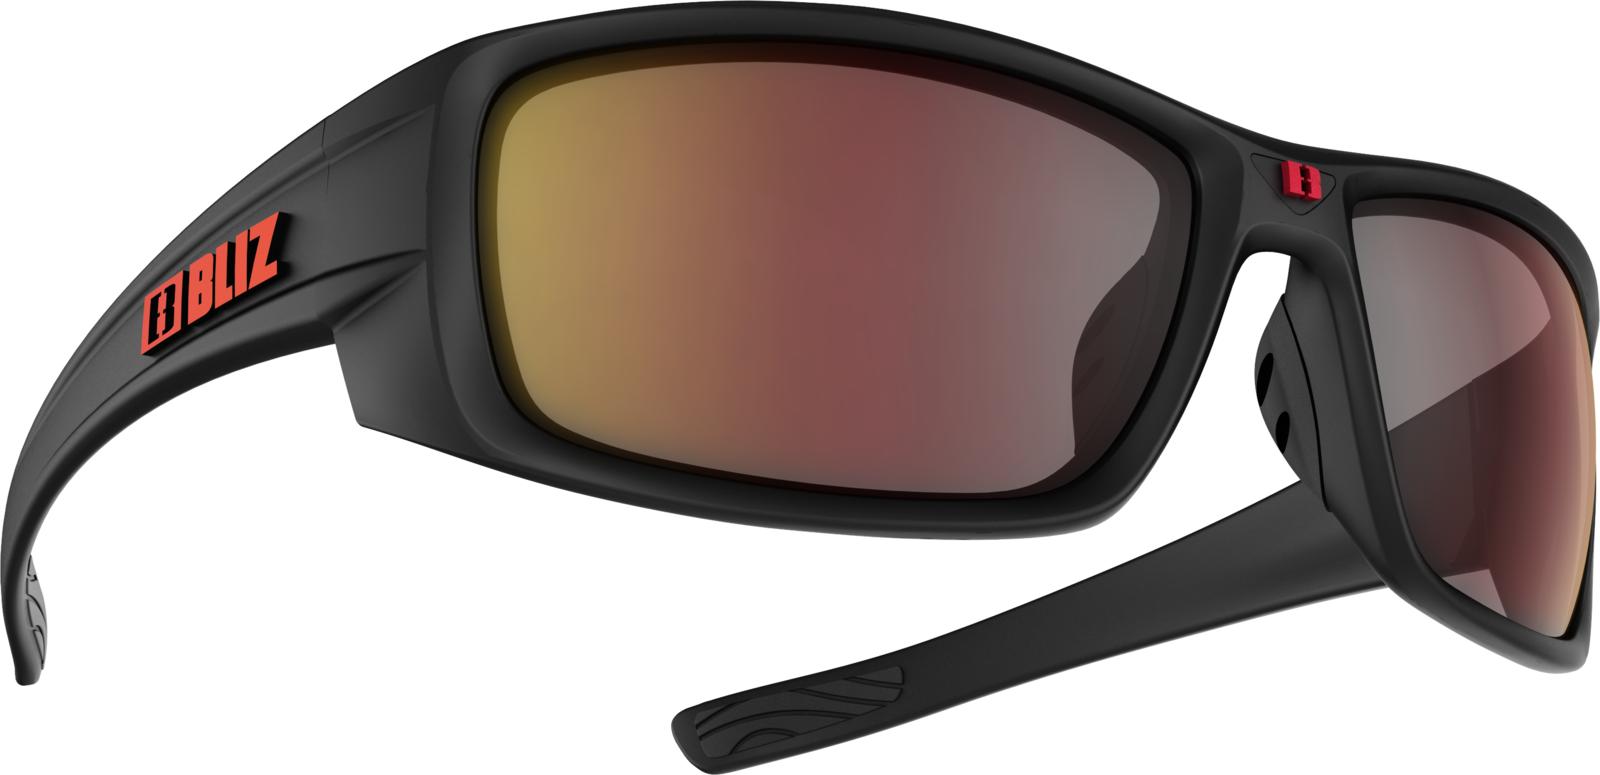 Очки спортивные Bliz Rider, для беговых лыж, велоспорта, цвет: черный